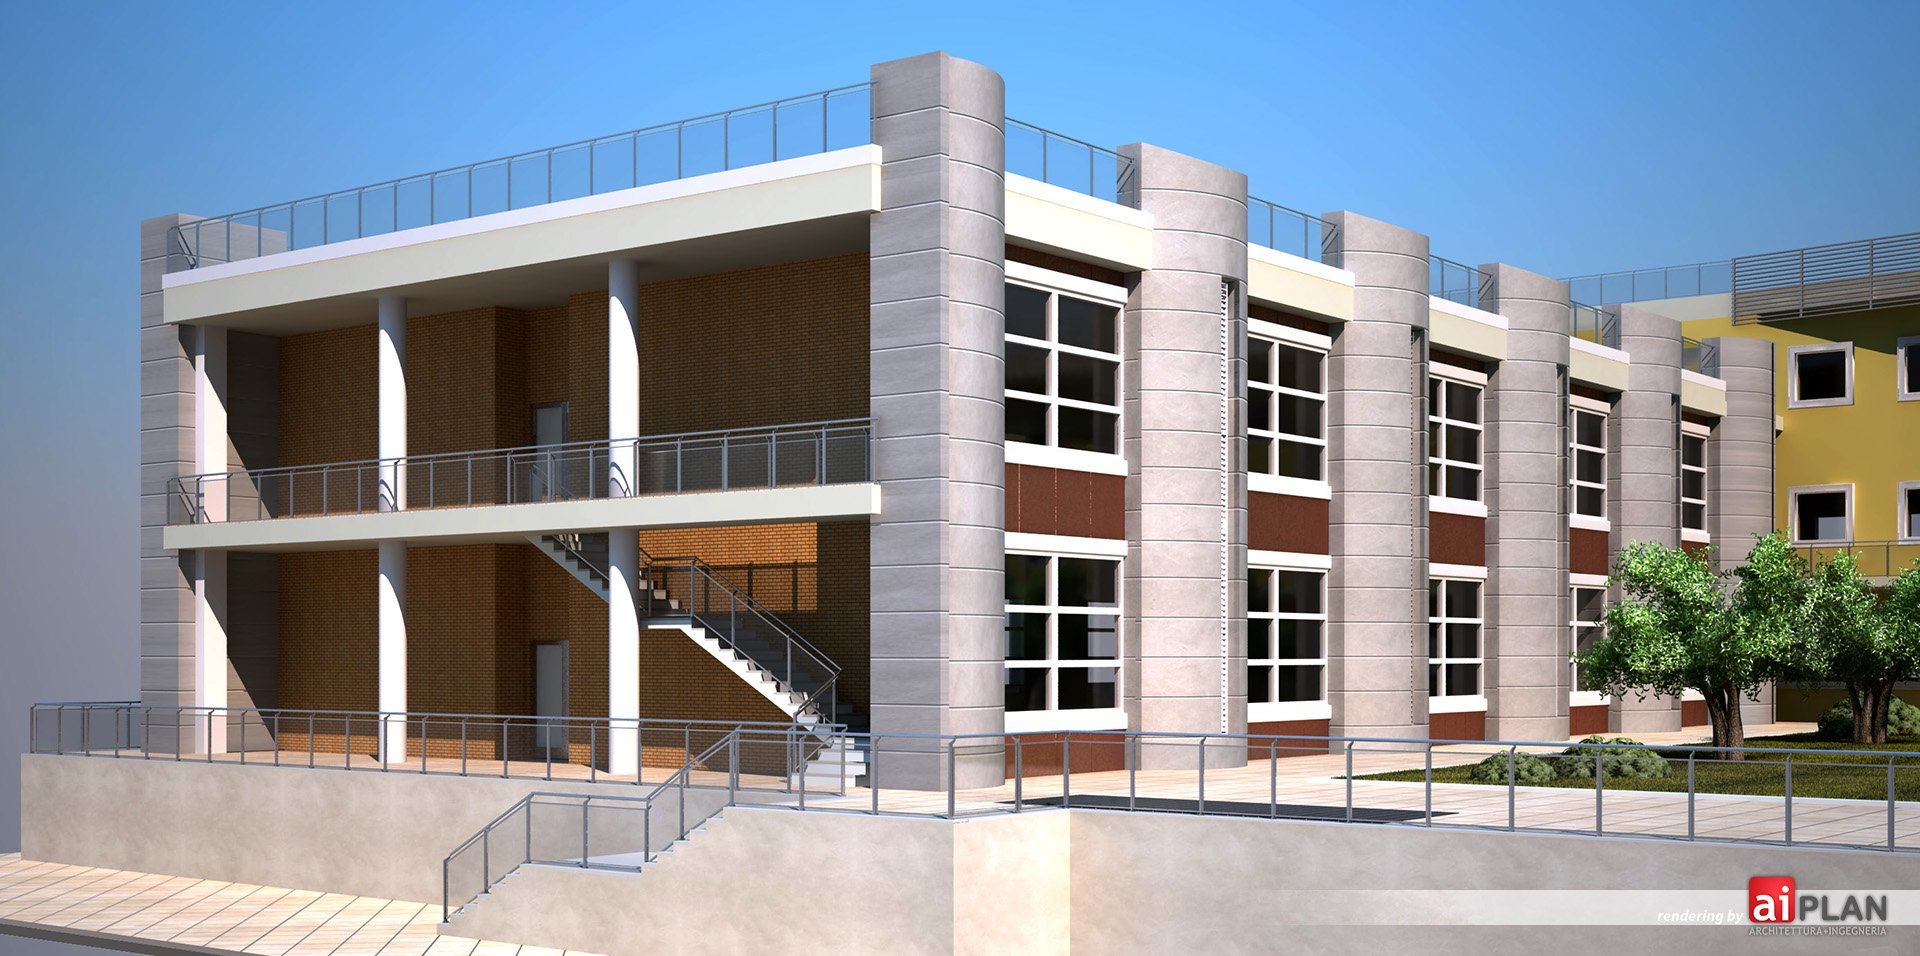 Rendering esterni di edifici e residenze aiplan for Progettazione di edifici residenziali